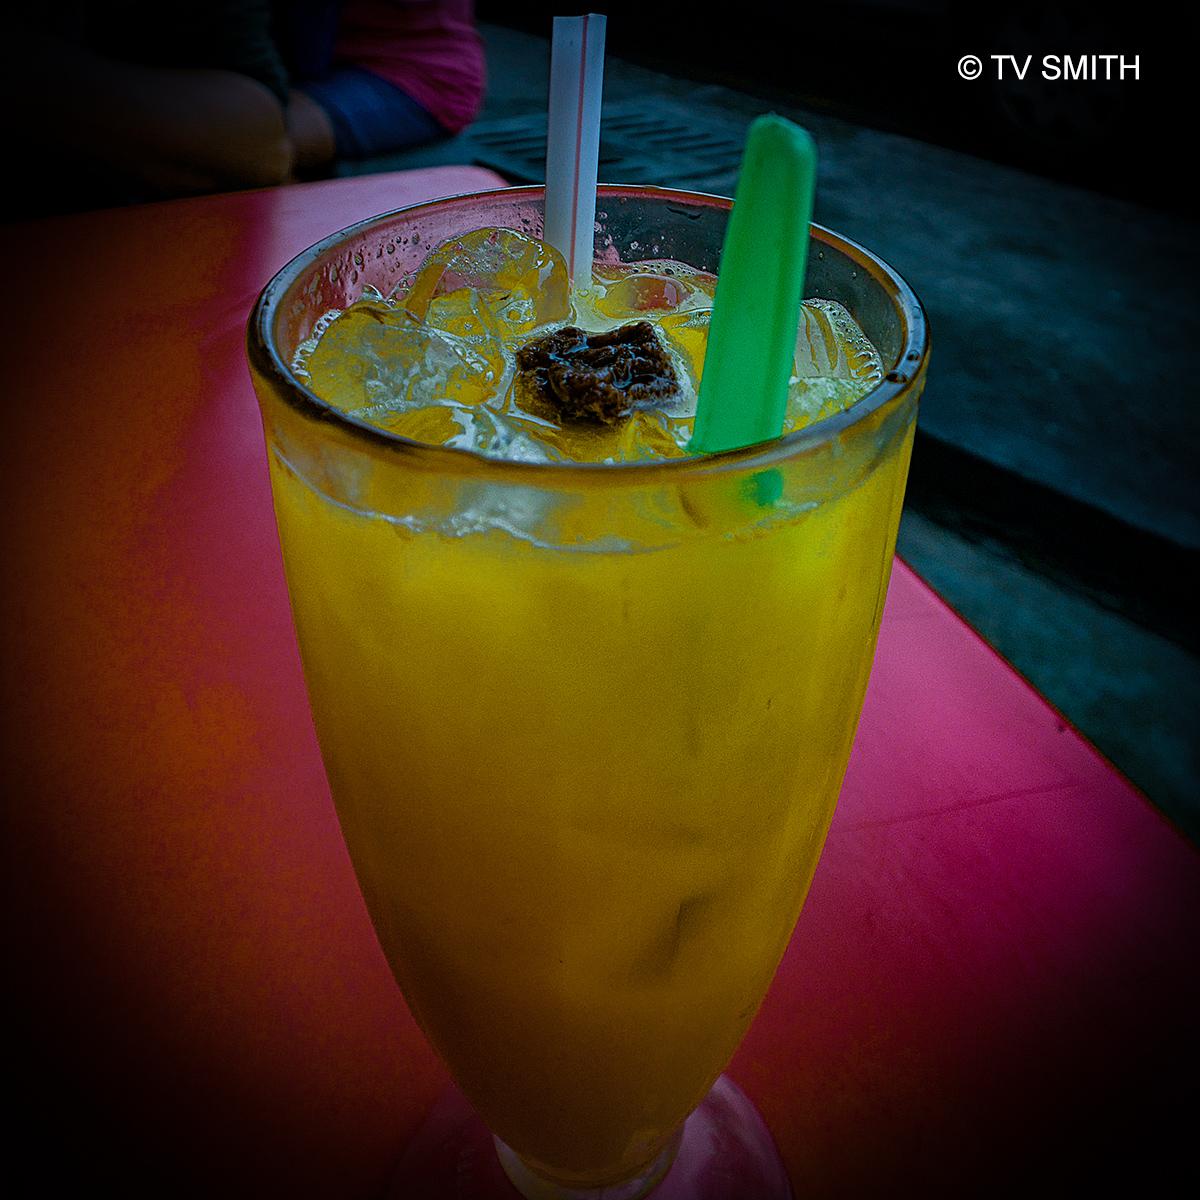 Calamansi Juice With Sour Plums